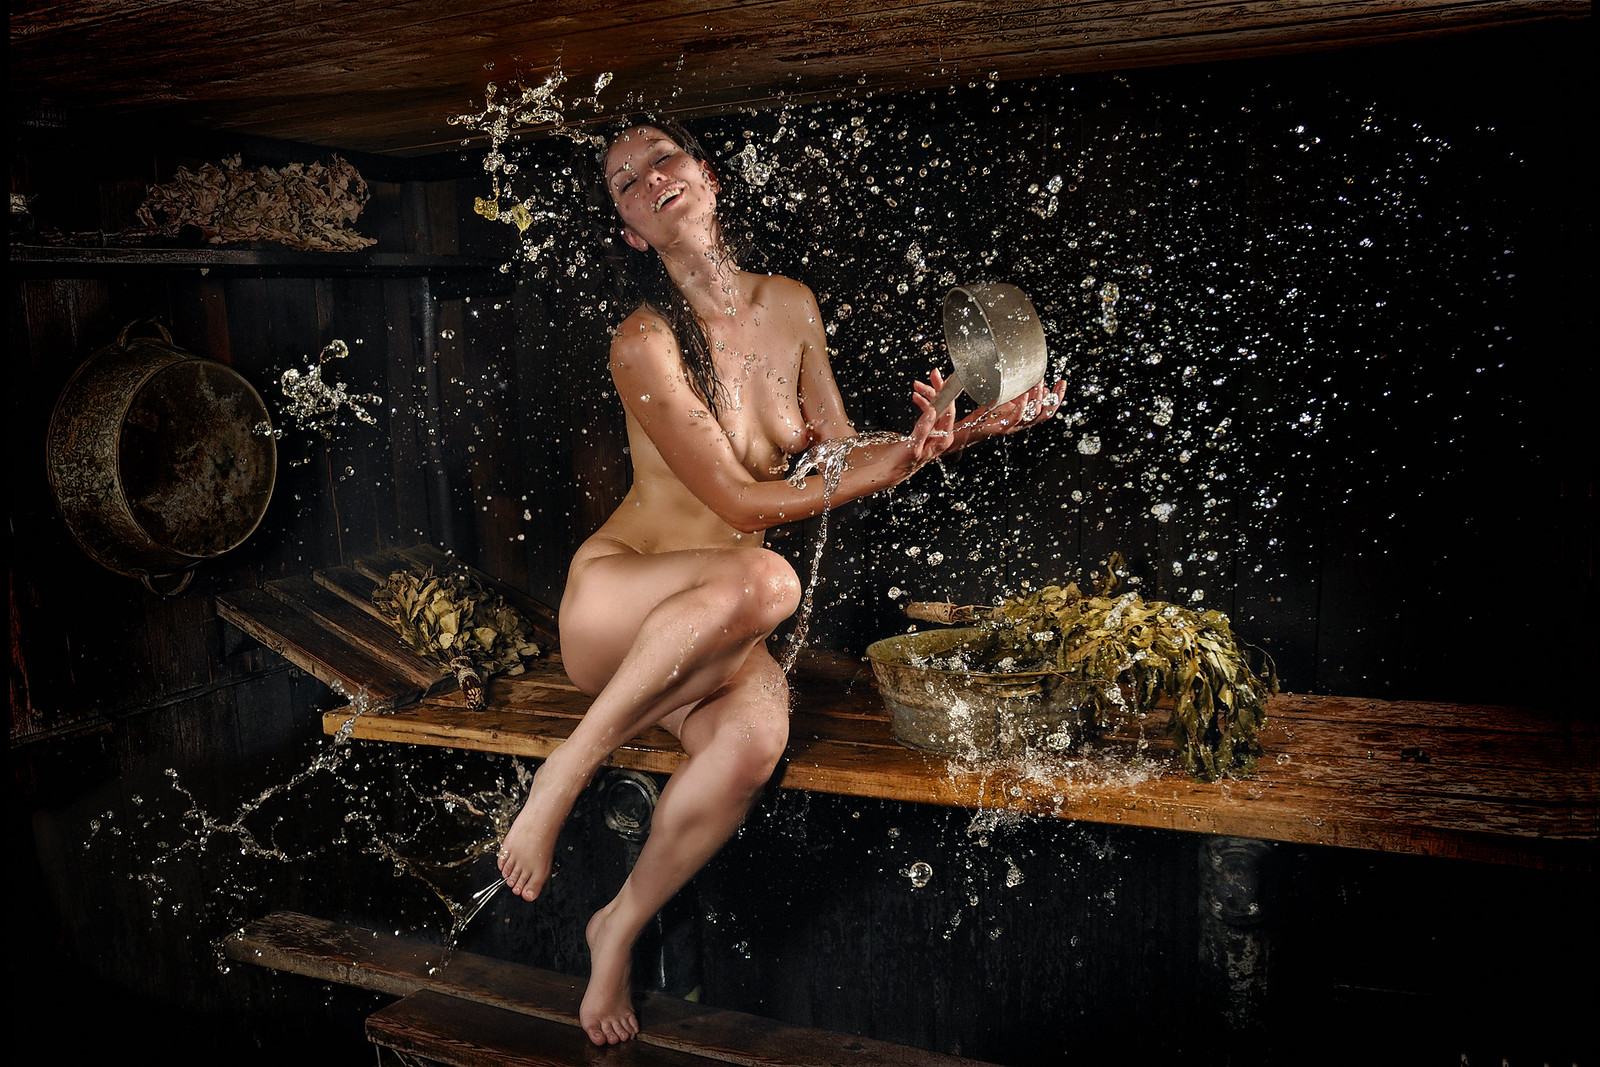 видео как девушки в бане моются себе рвет